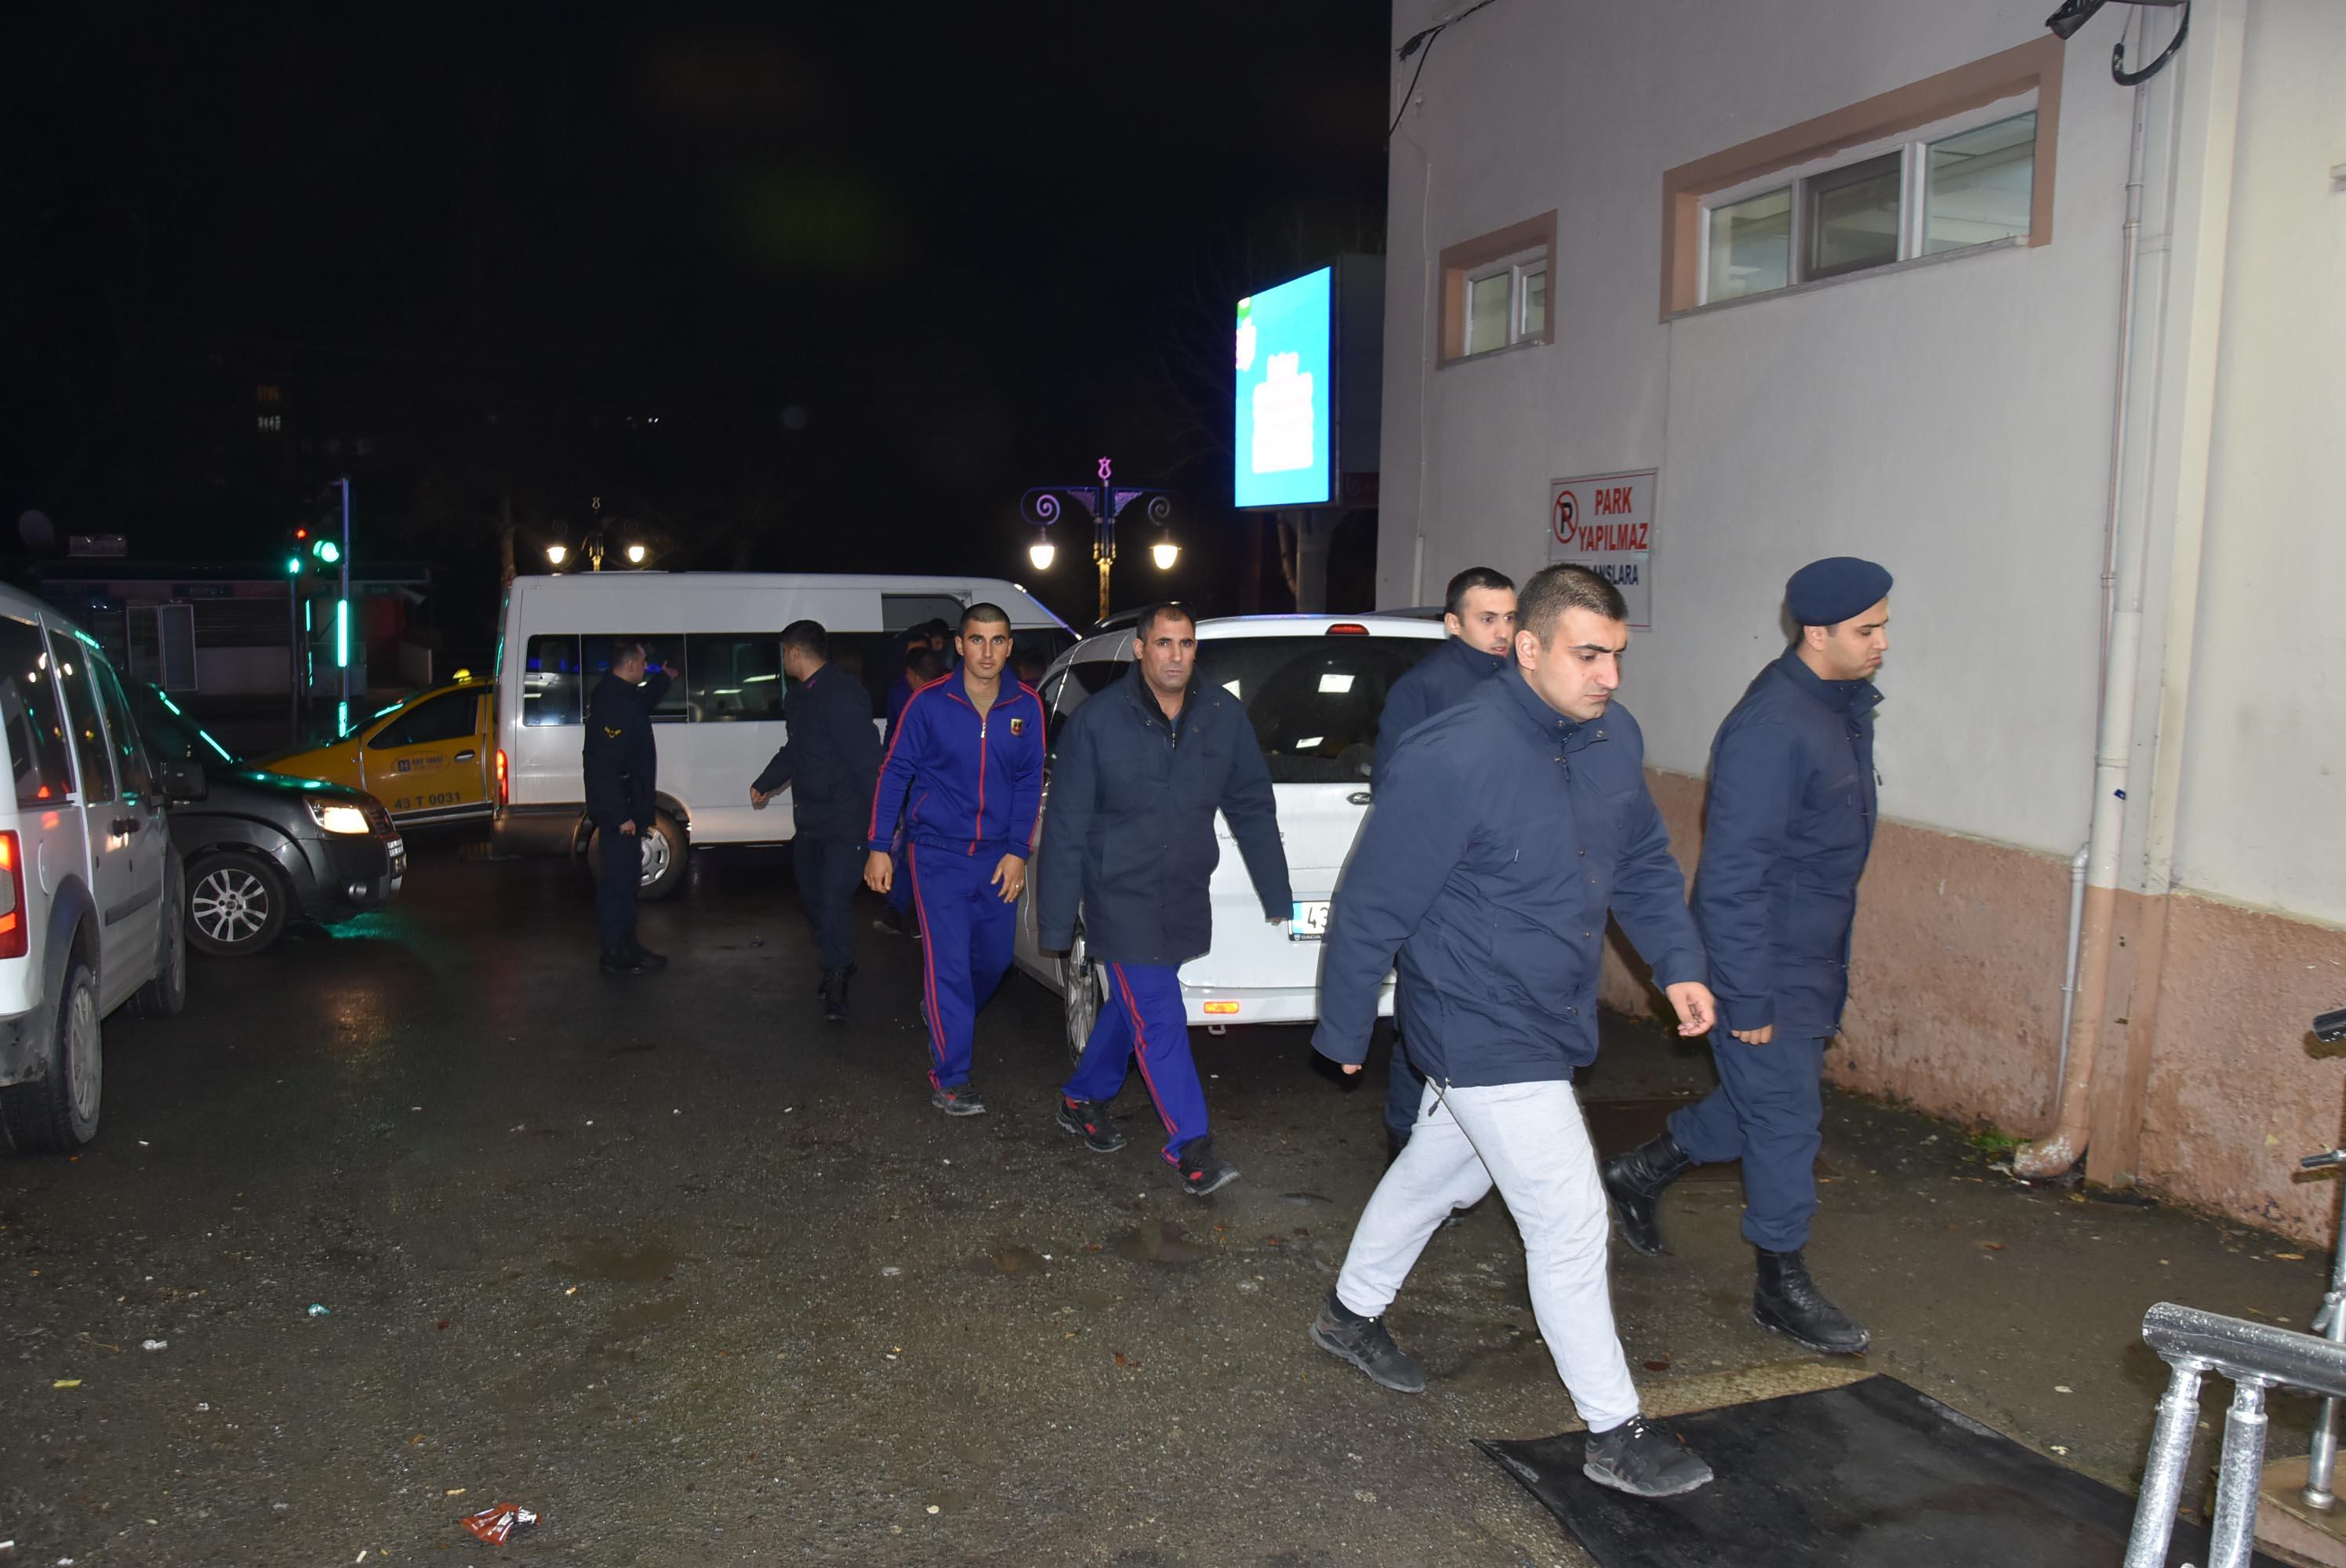 Kütahya'da yemekten sonra rahatsızlanan 57 asker hastaneye kaldırıldı